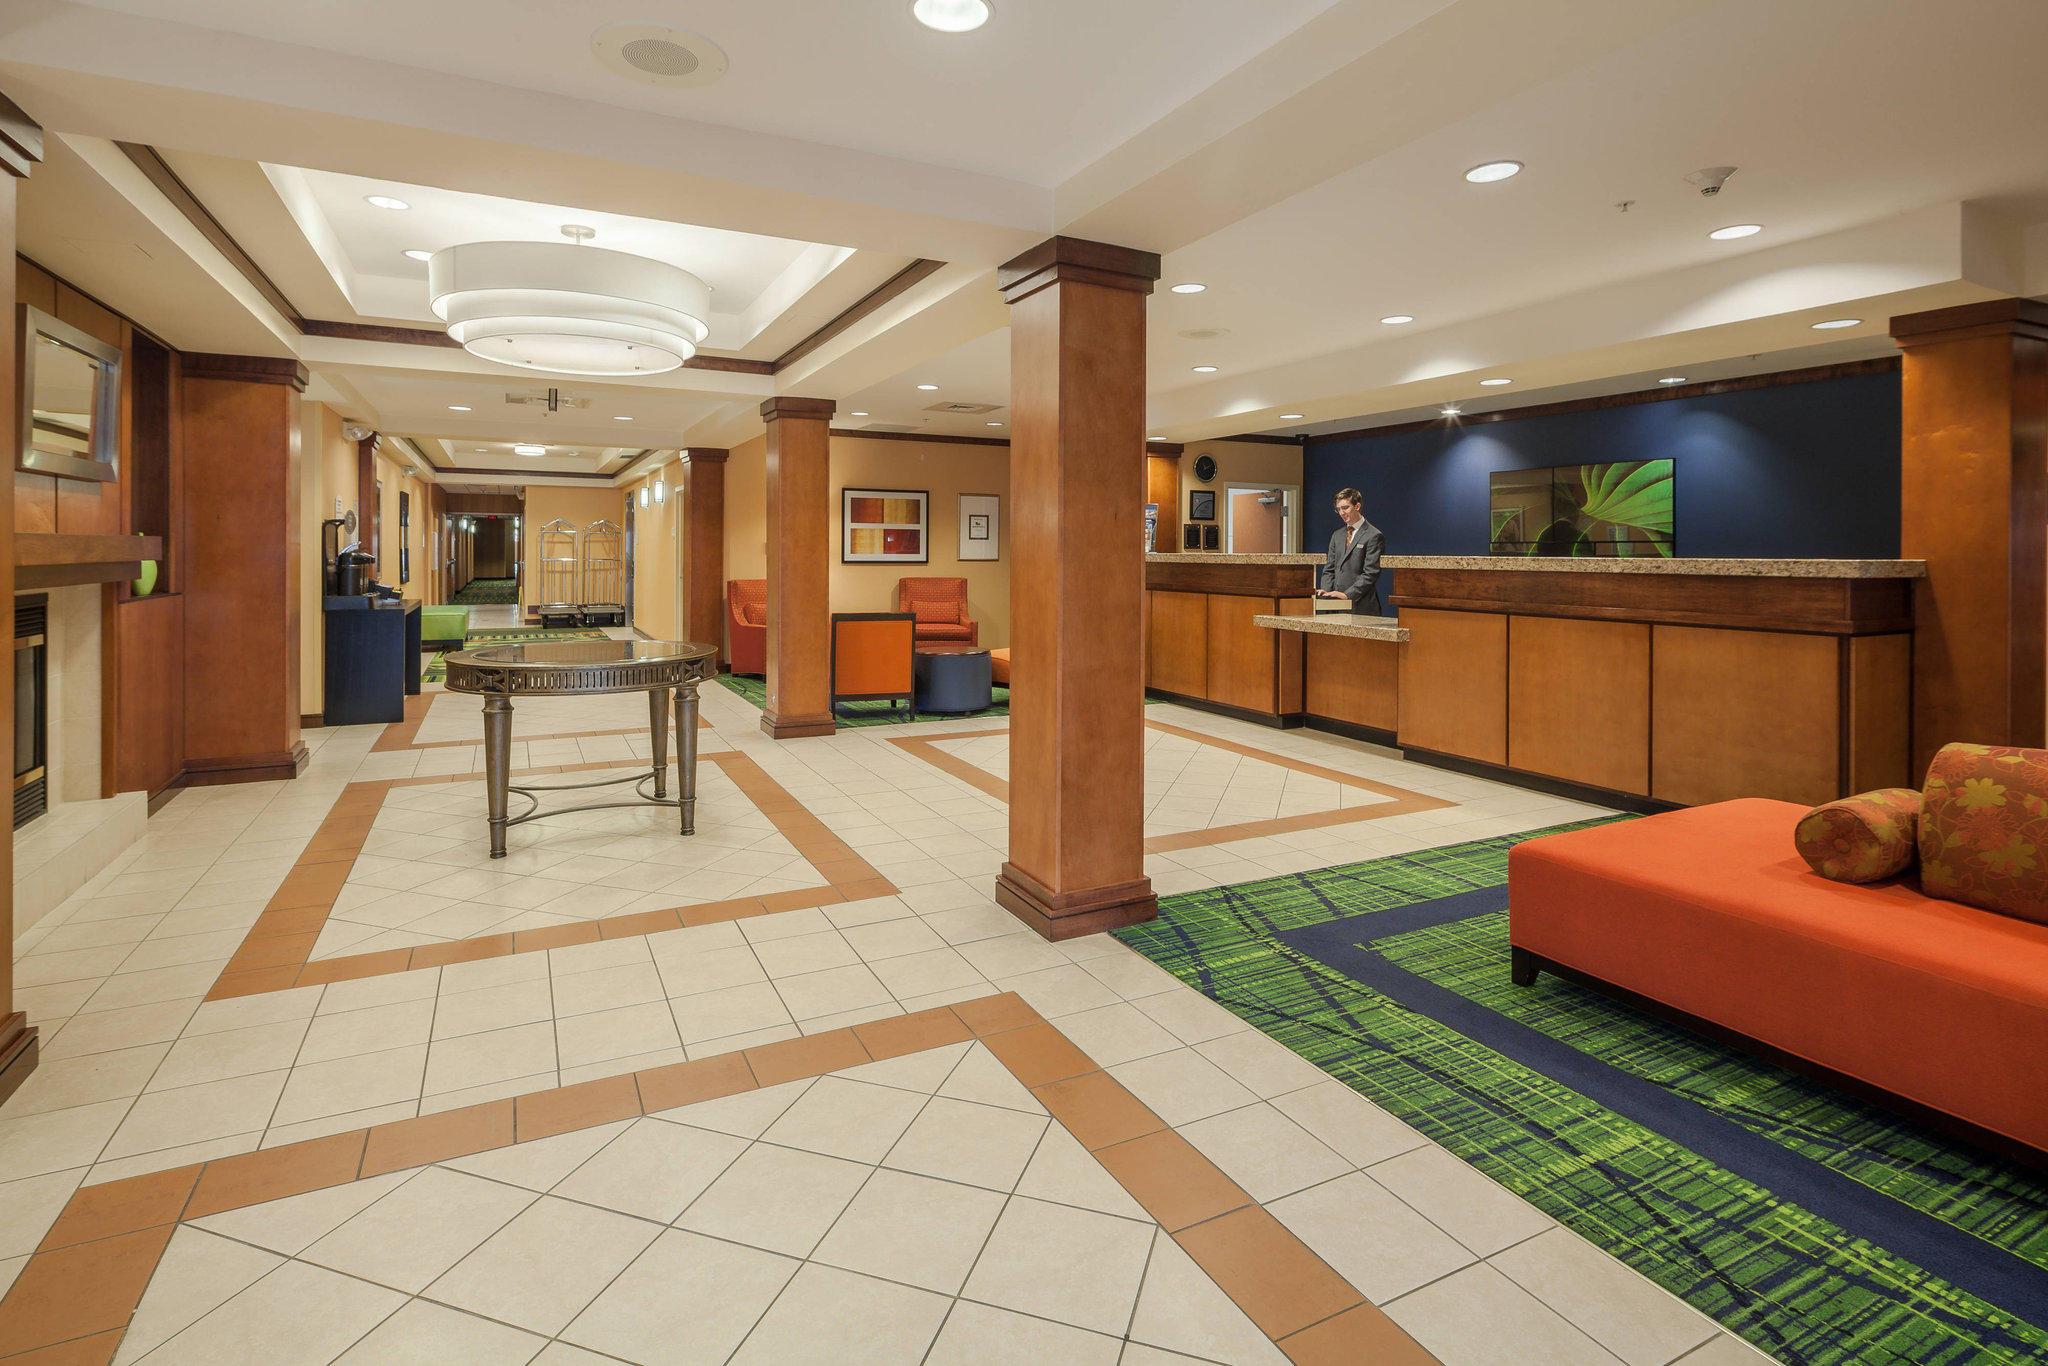 Fairfield Inn & Suites by Marriott Jacksonville Beach